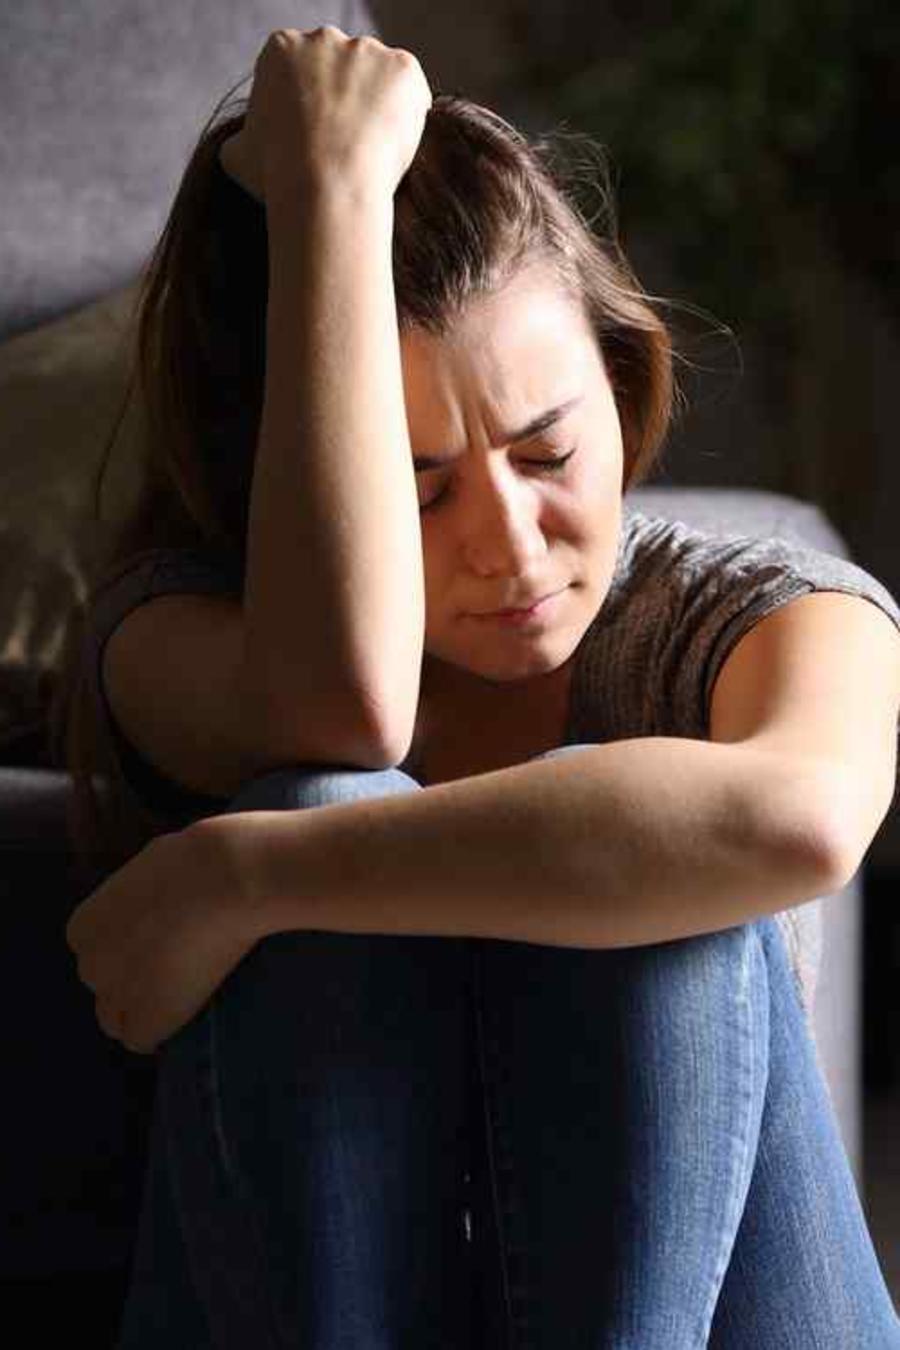 Peligros de la depresión y el estrés